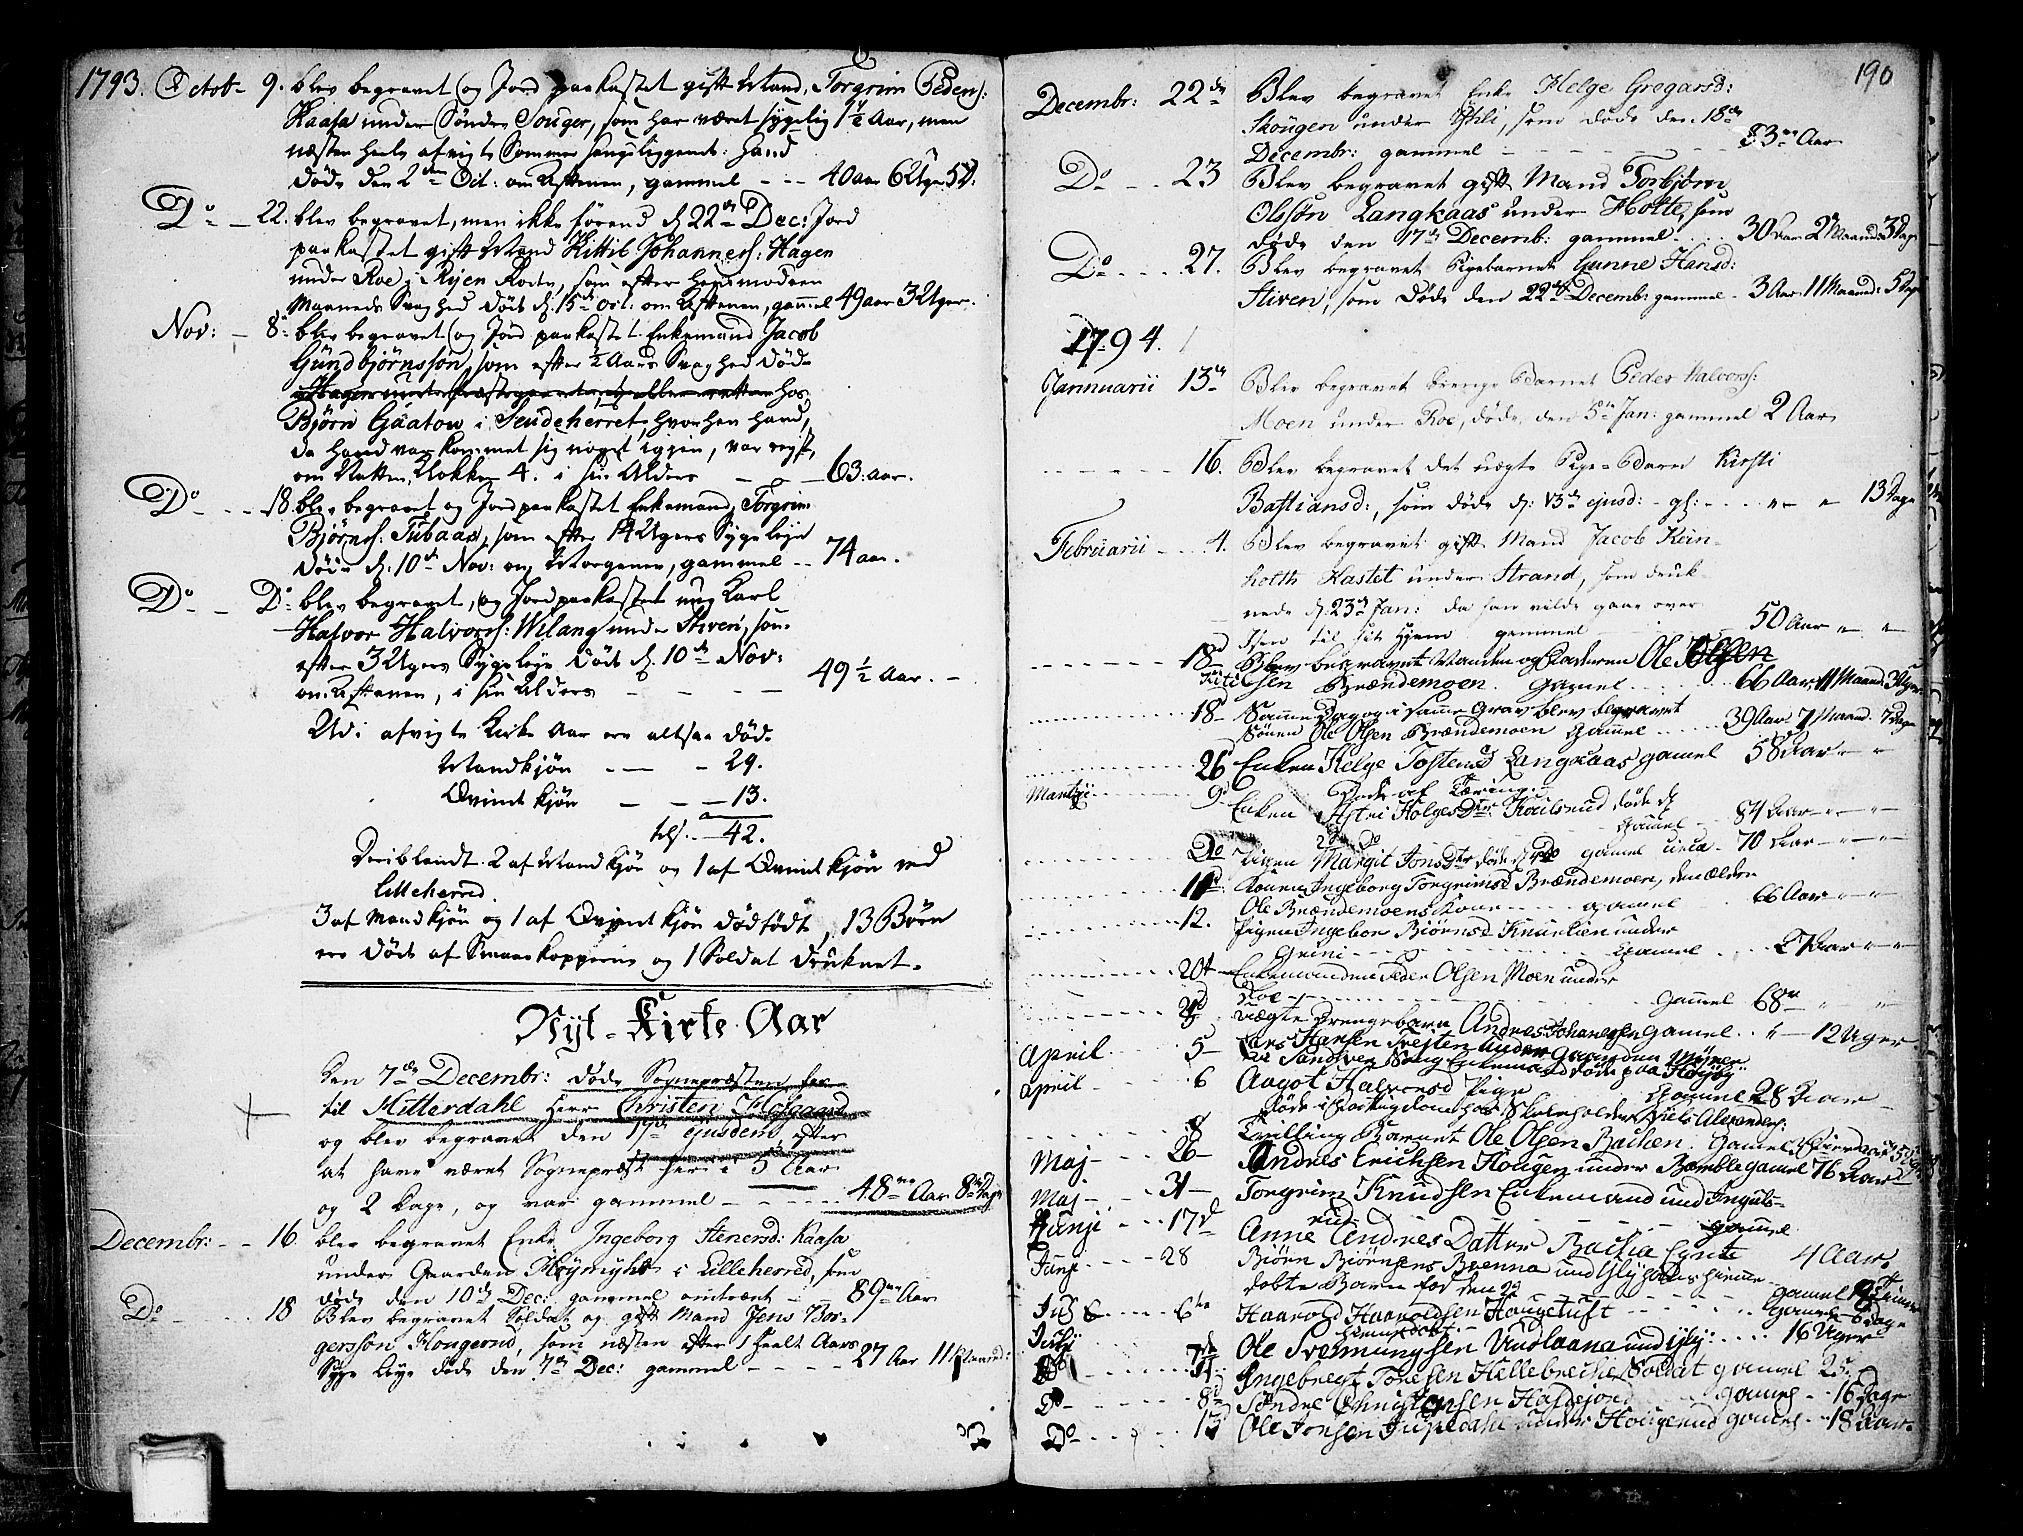 SAKO, Heddal kirkebøker, F/Fa/L0004: Ministerialbok nr. I 4, 1784-1814, s. 190